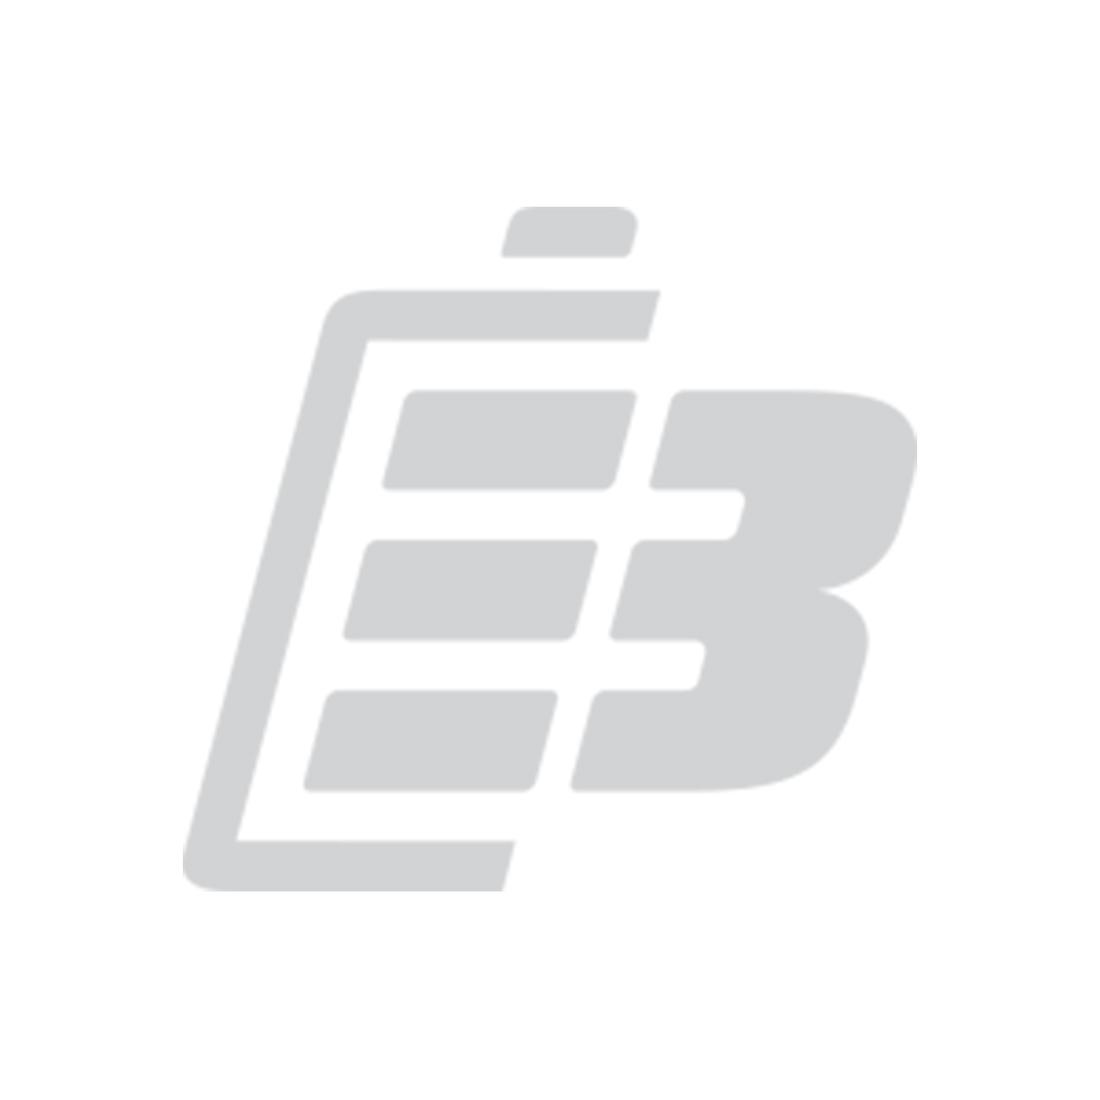 Laptop battery Lenovo Flex 2 15_1